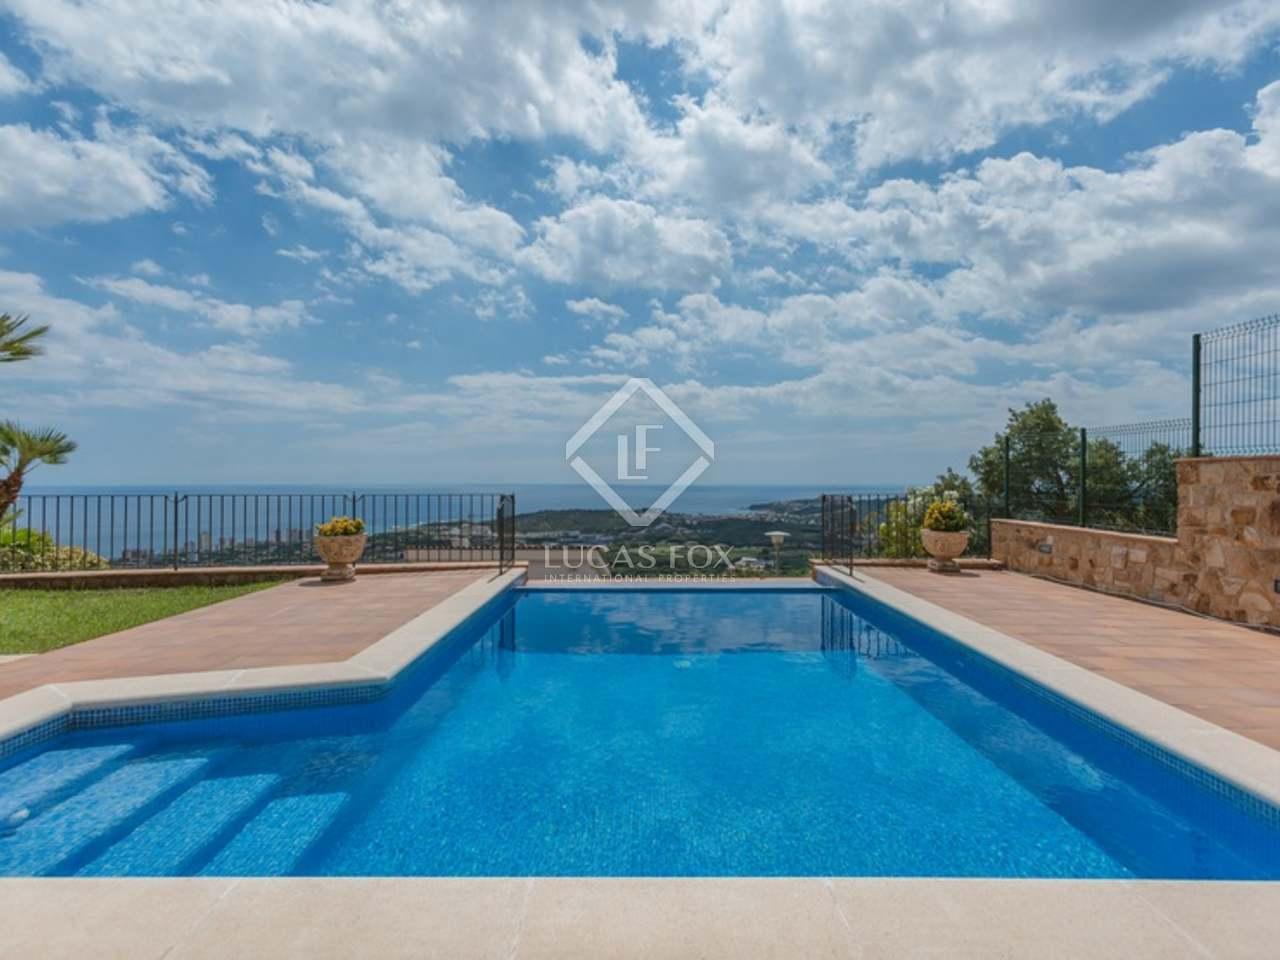 Villa Avec Vue Sur La Mer À Vendre Sur La Costa Brava intérieur Piscine Fos Sur Mer